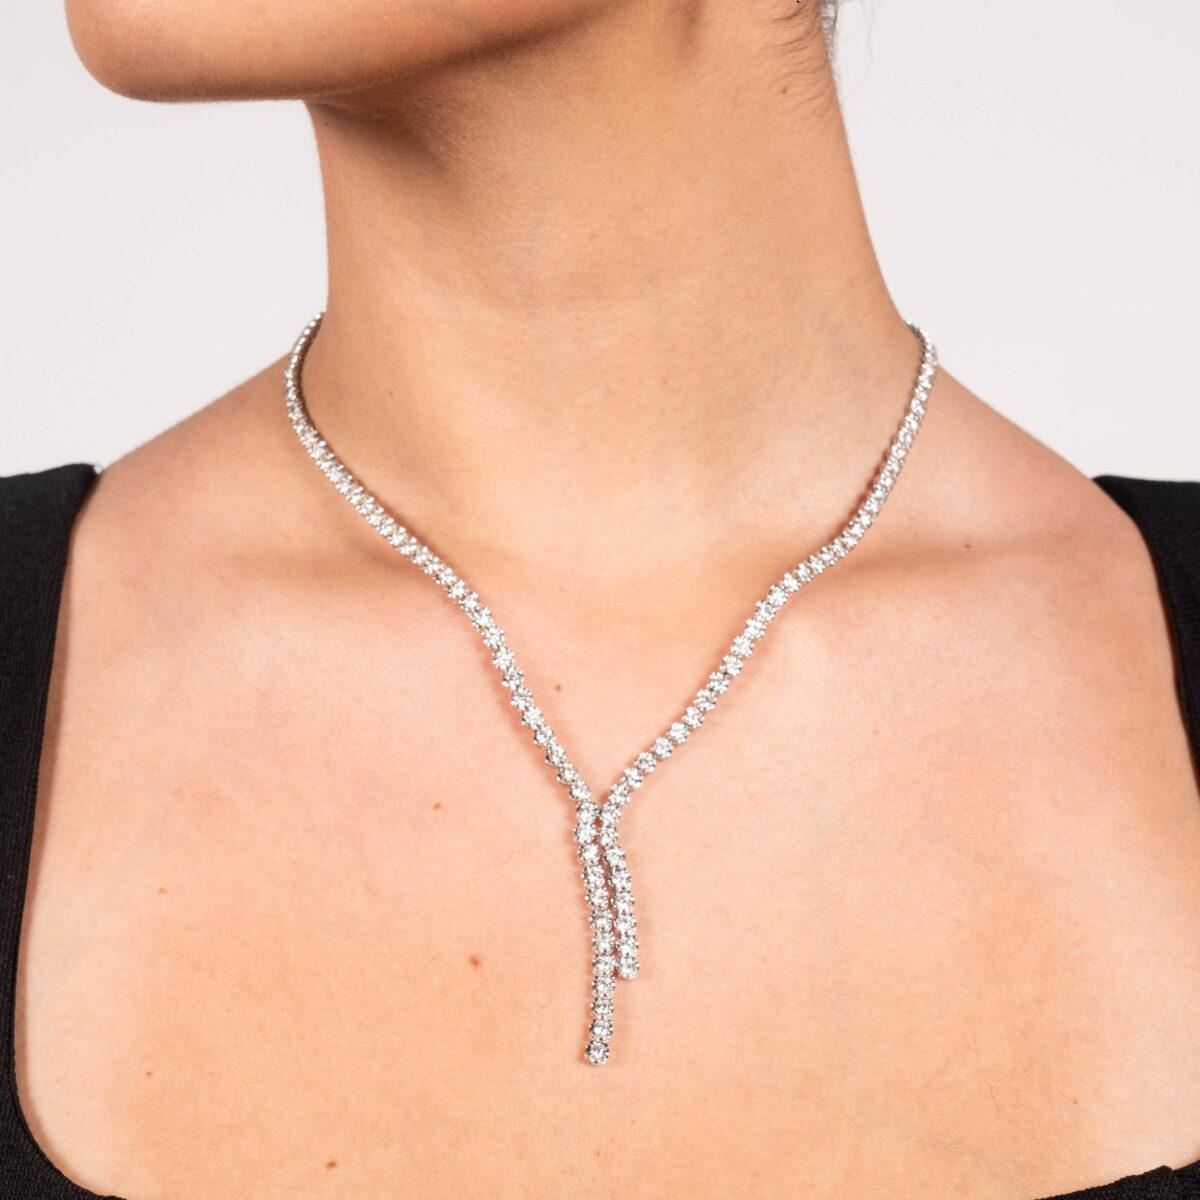 Dimond Tennis Necklace in Sydney